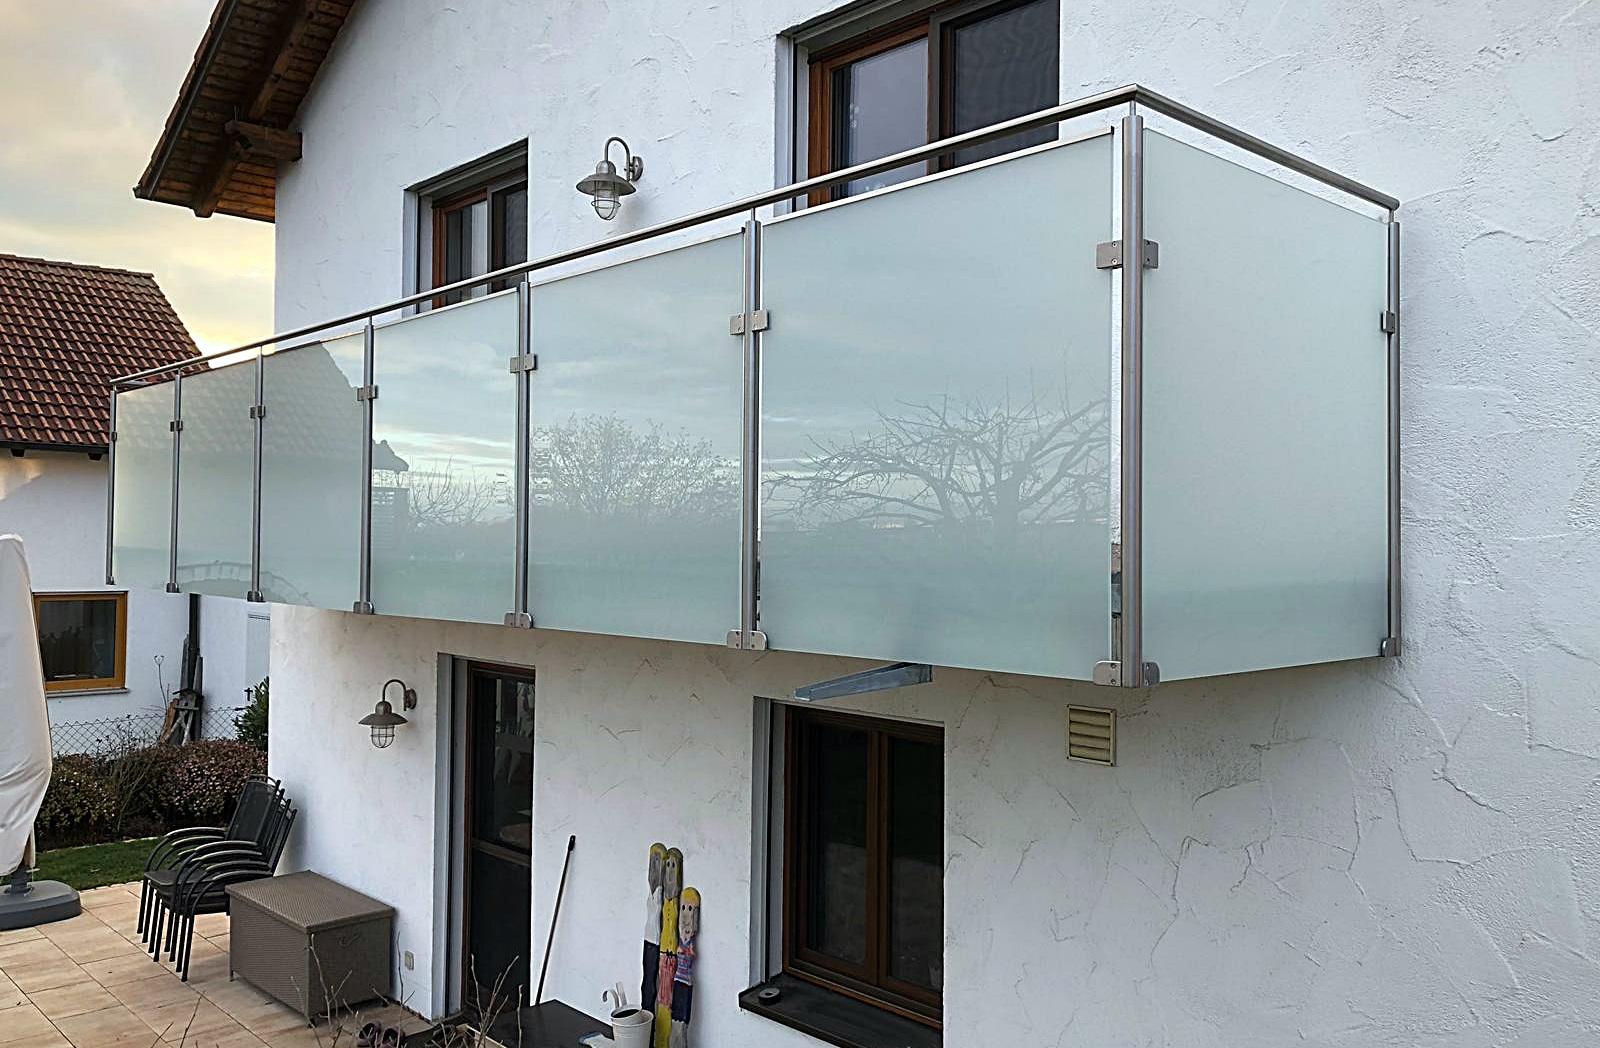 Balkongeländer mit Glas